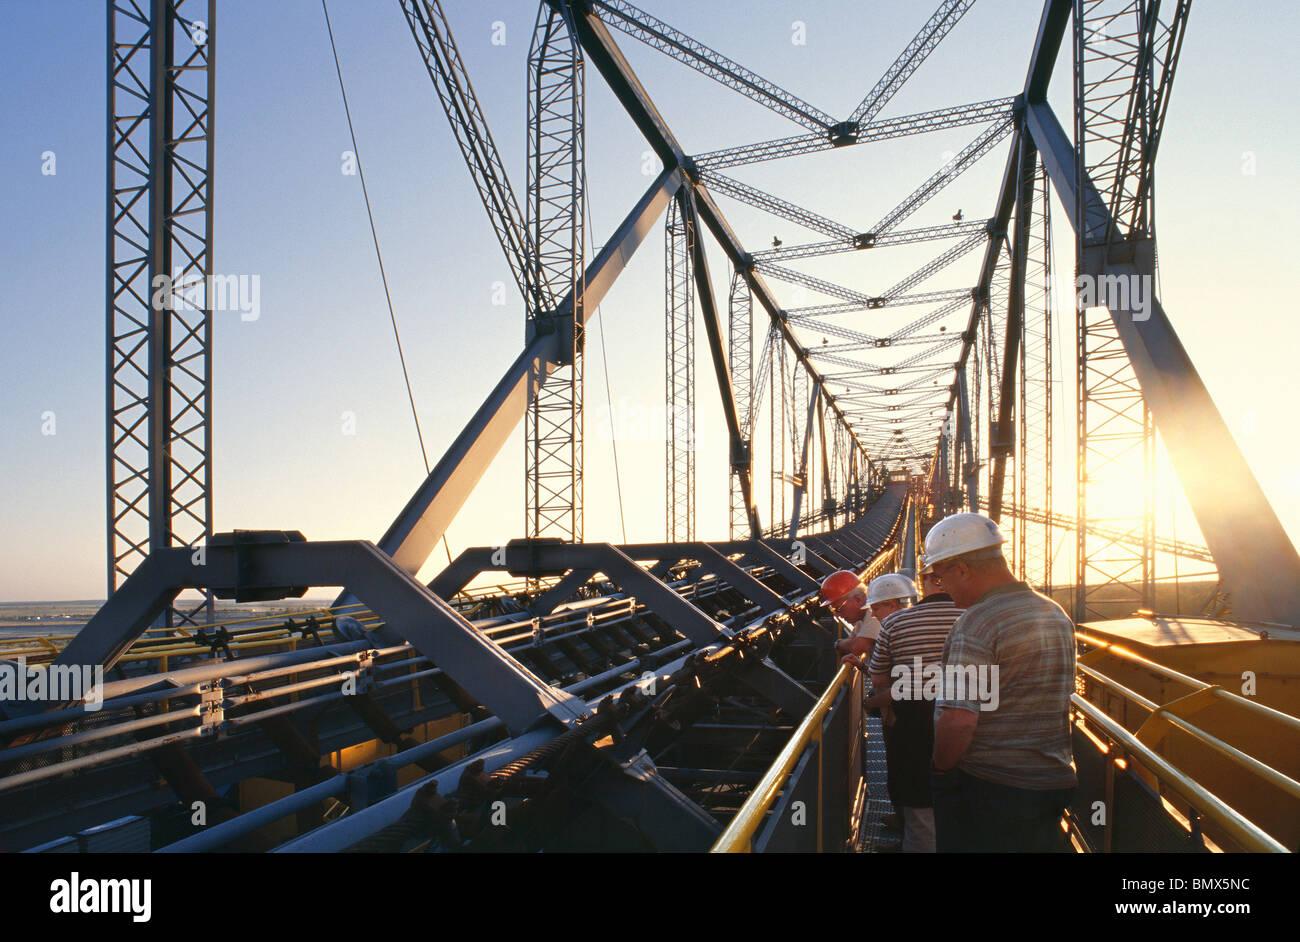 Abraum-Förderbrücke F60 für Braunkohlenbergbau Stockbild